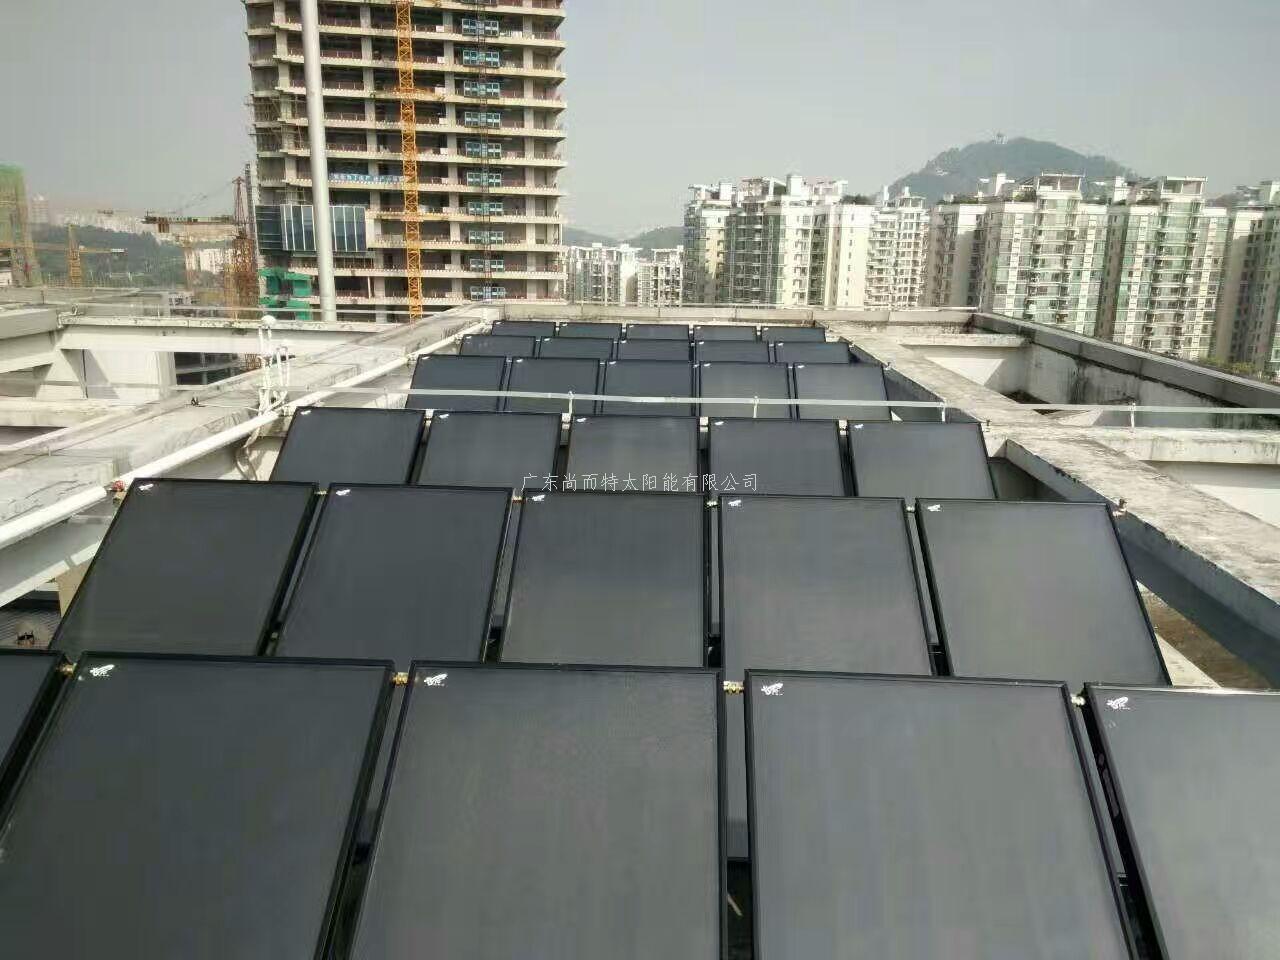 酒店太阳能热水工程 太阳能热水项目打包服务